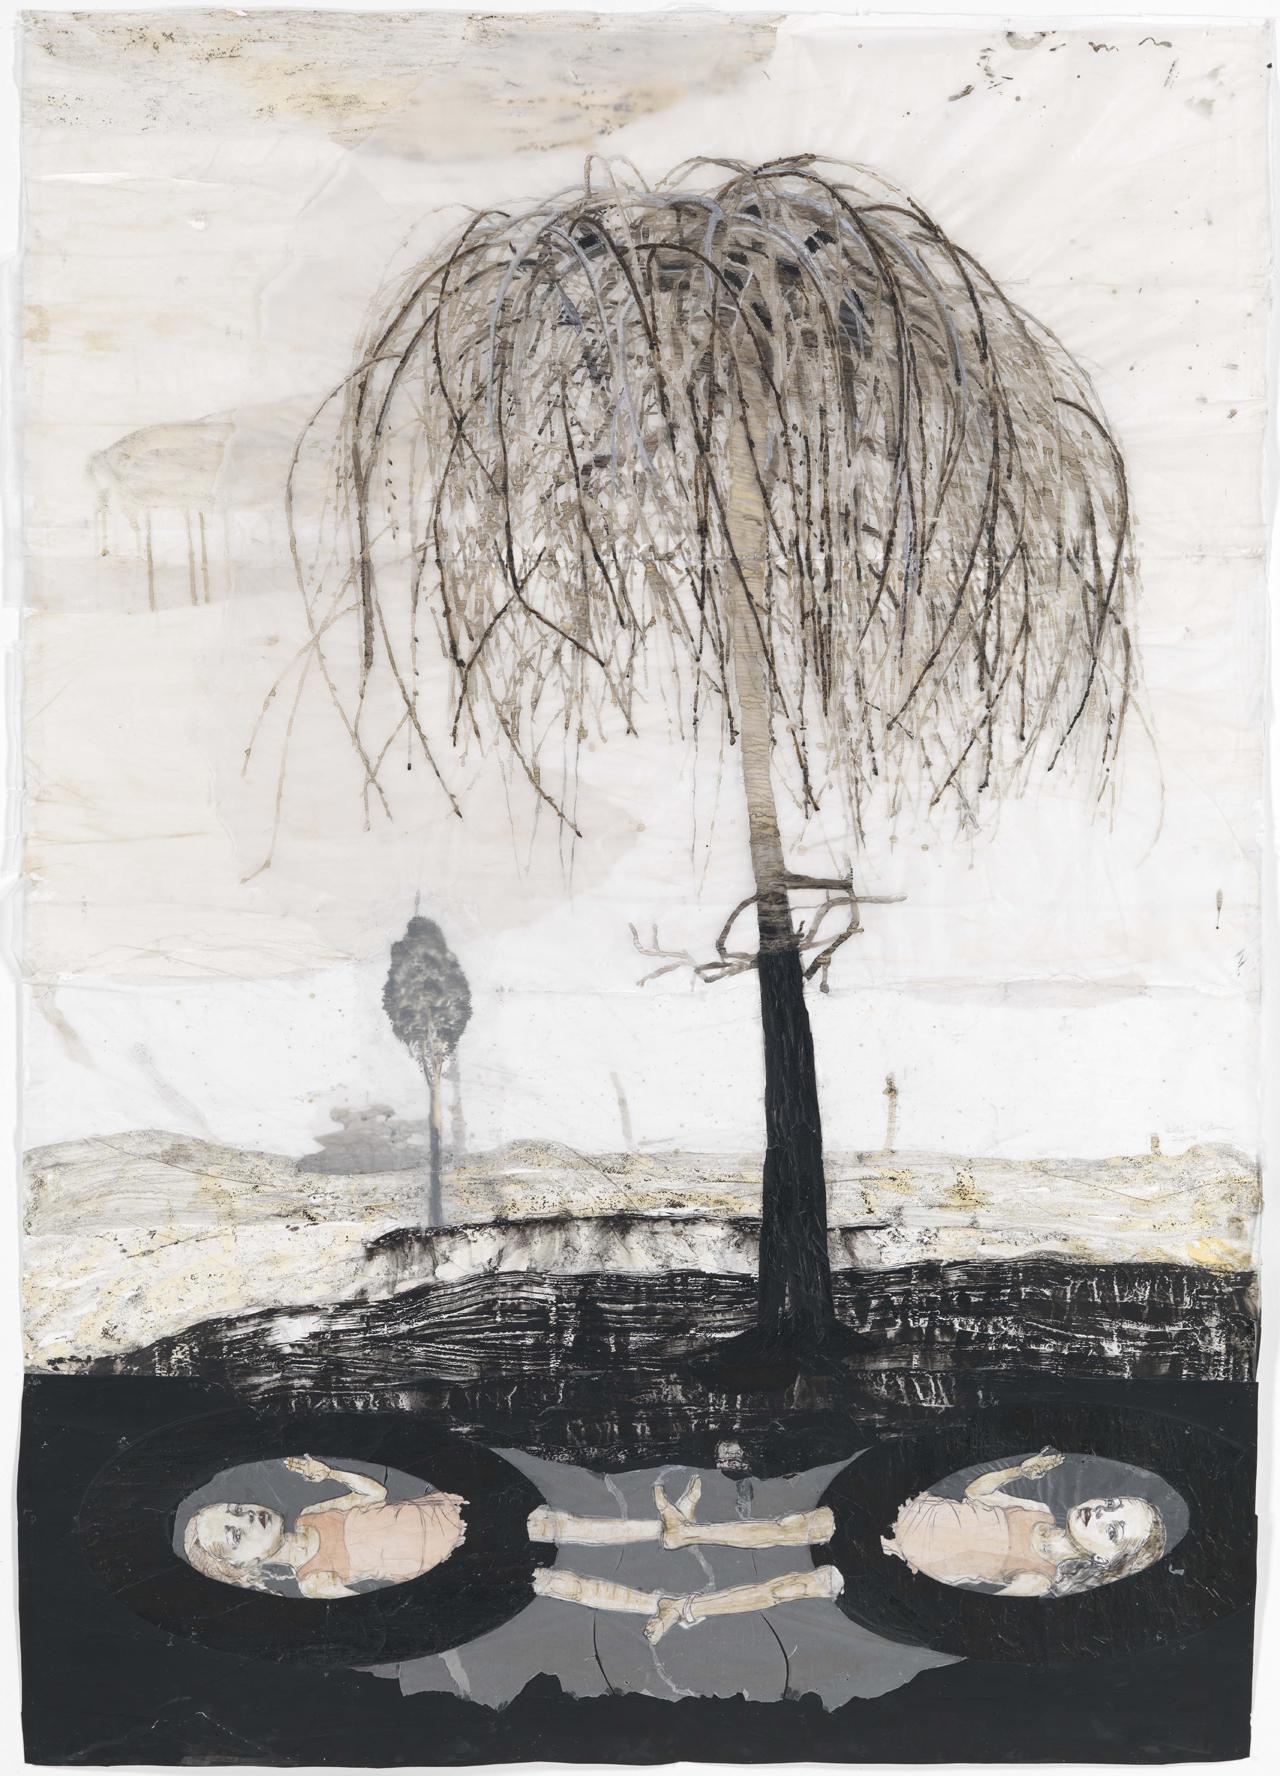 Kerstin Grimm, Da und dort, 2017/2018, Zeichnungscollage auf Papier, 210 x 152 cm